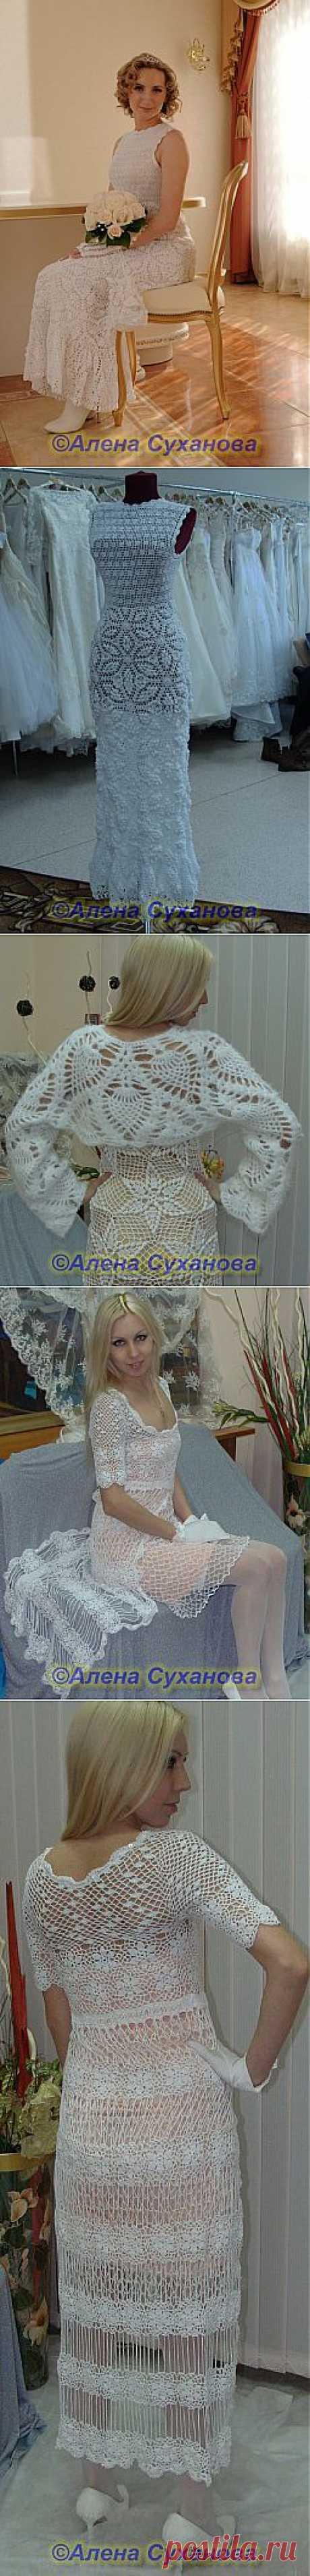 Свадебные платья крючком.Моя коллекция | РУКОДЕЛИЕ